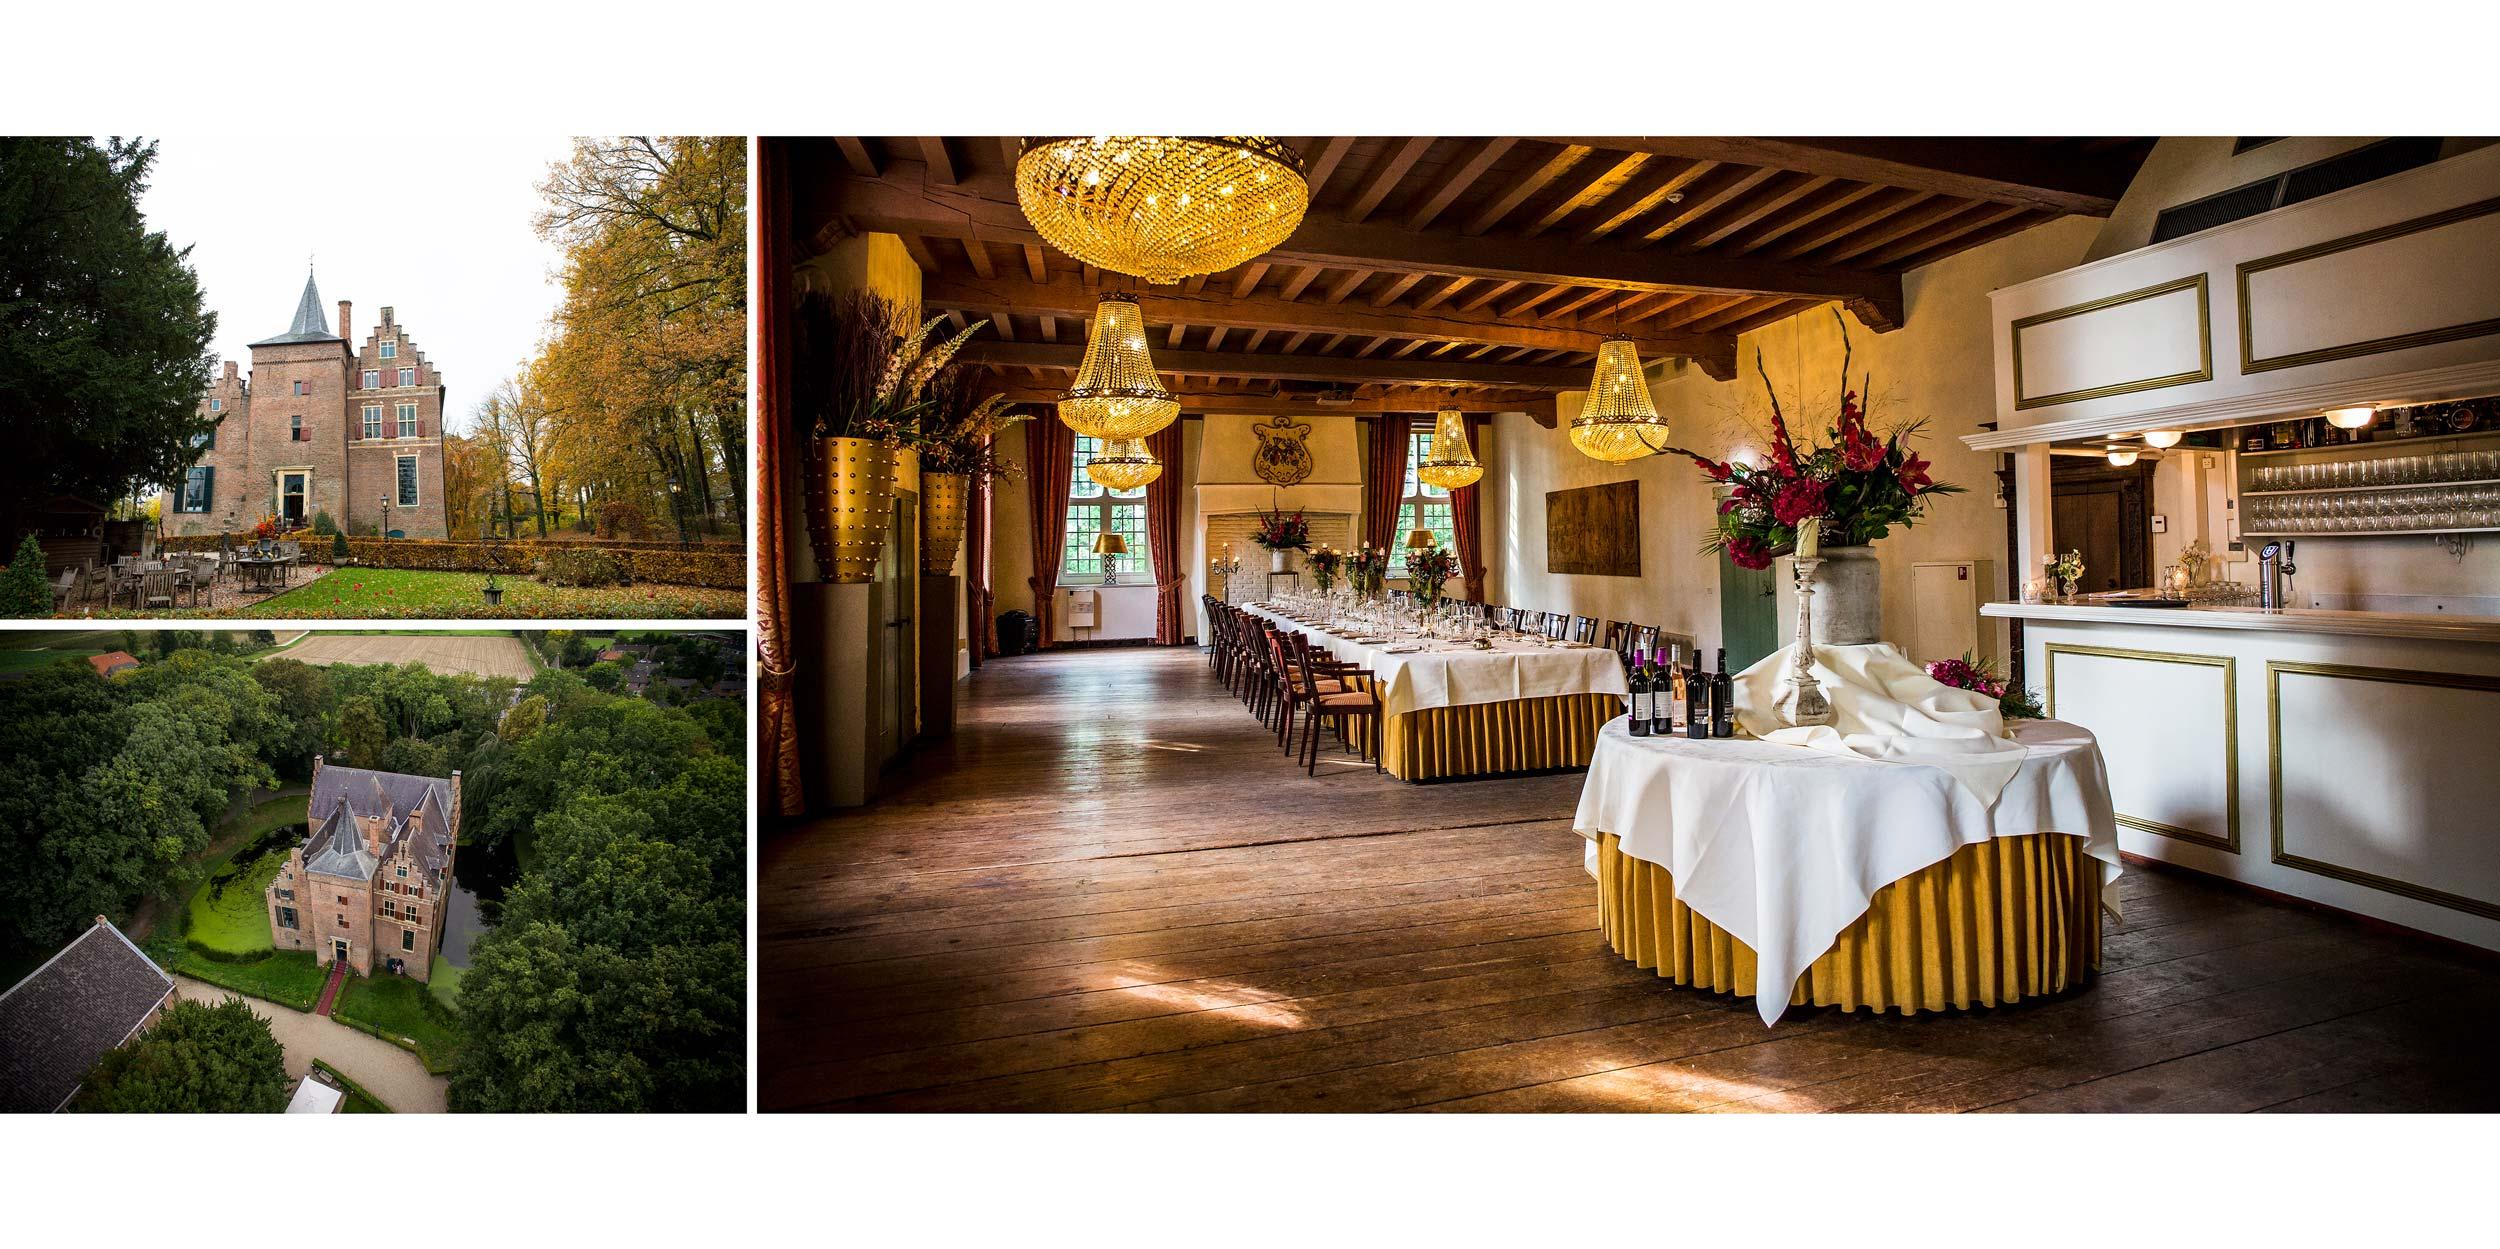 030_trouwen_voorbeeld_album_kasteel_wijenburg_bruiloft_trouwlocatie_trouwinspiratie